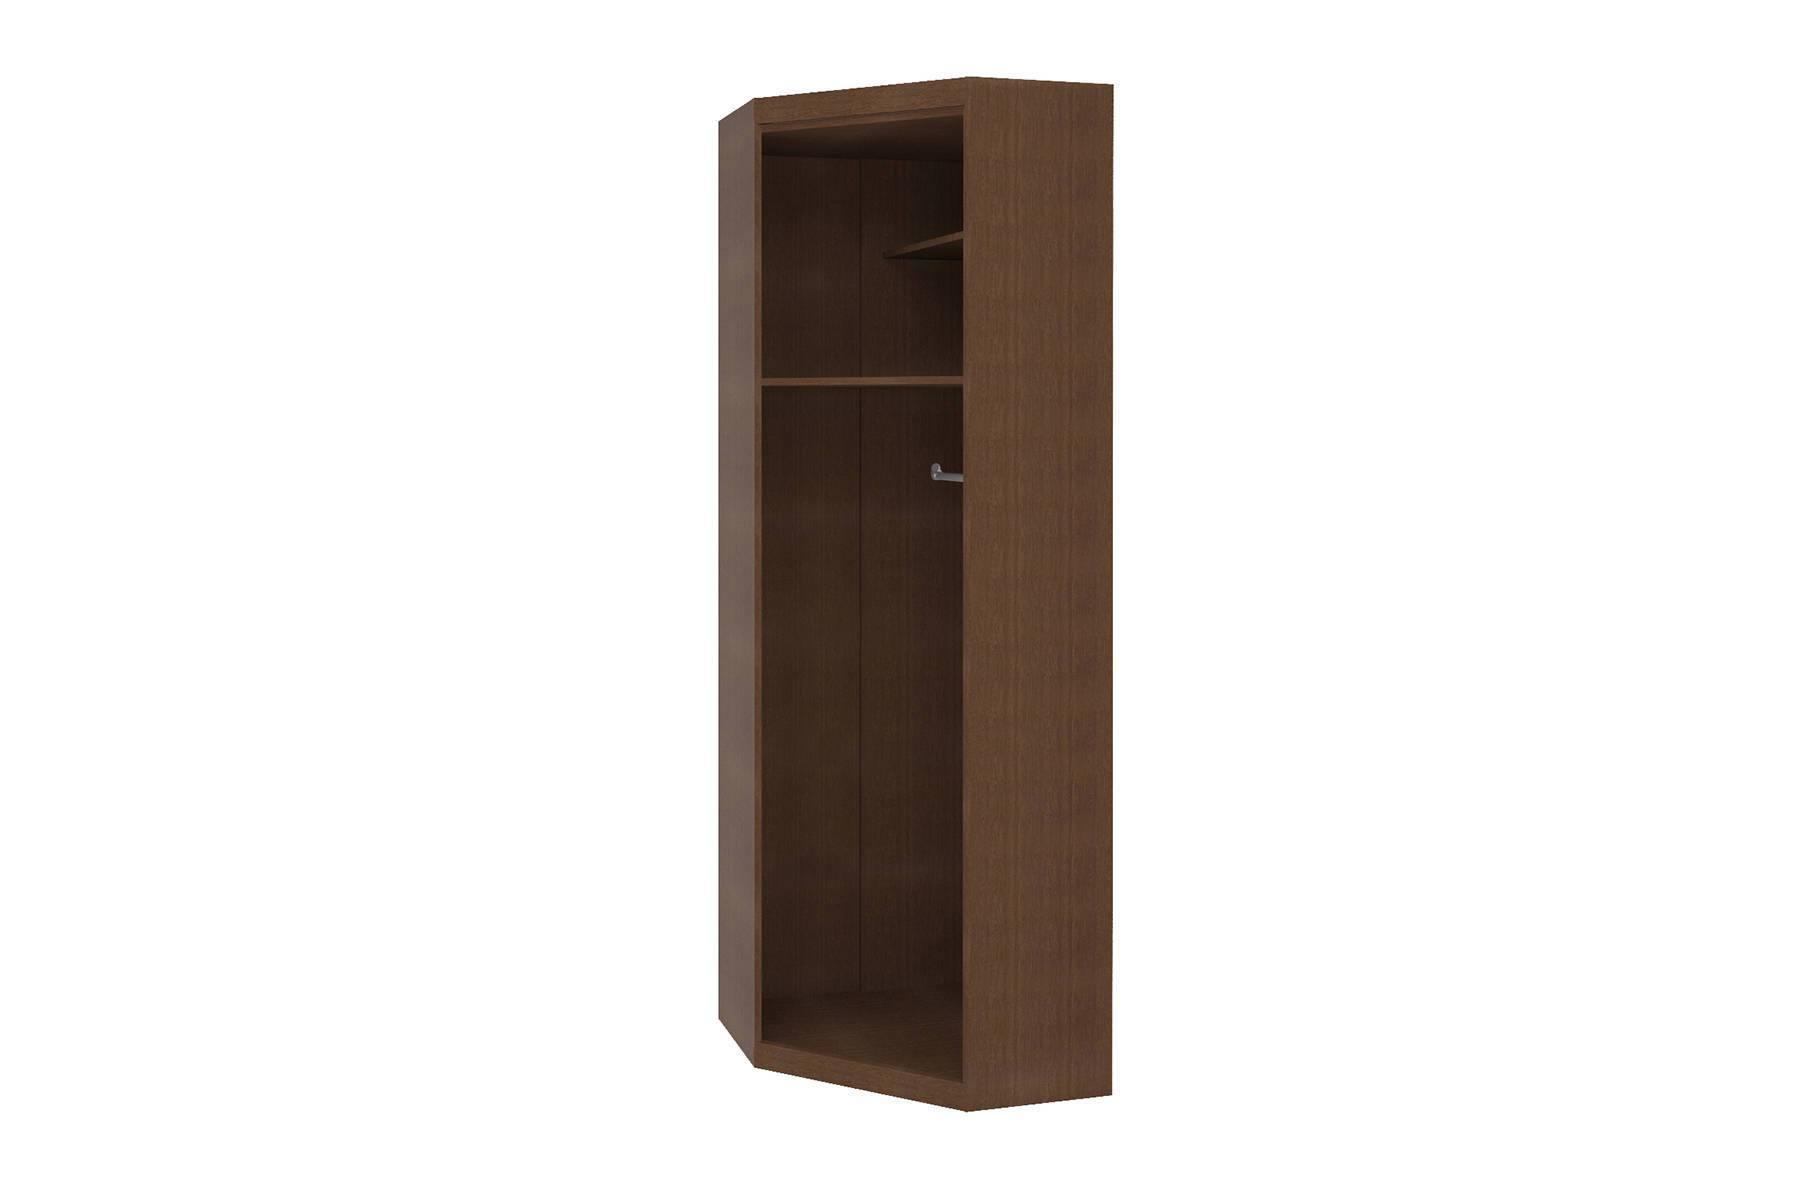 Шкаф для одежды угловой Шейла СТЛ.600 Венге